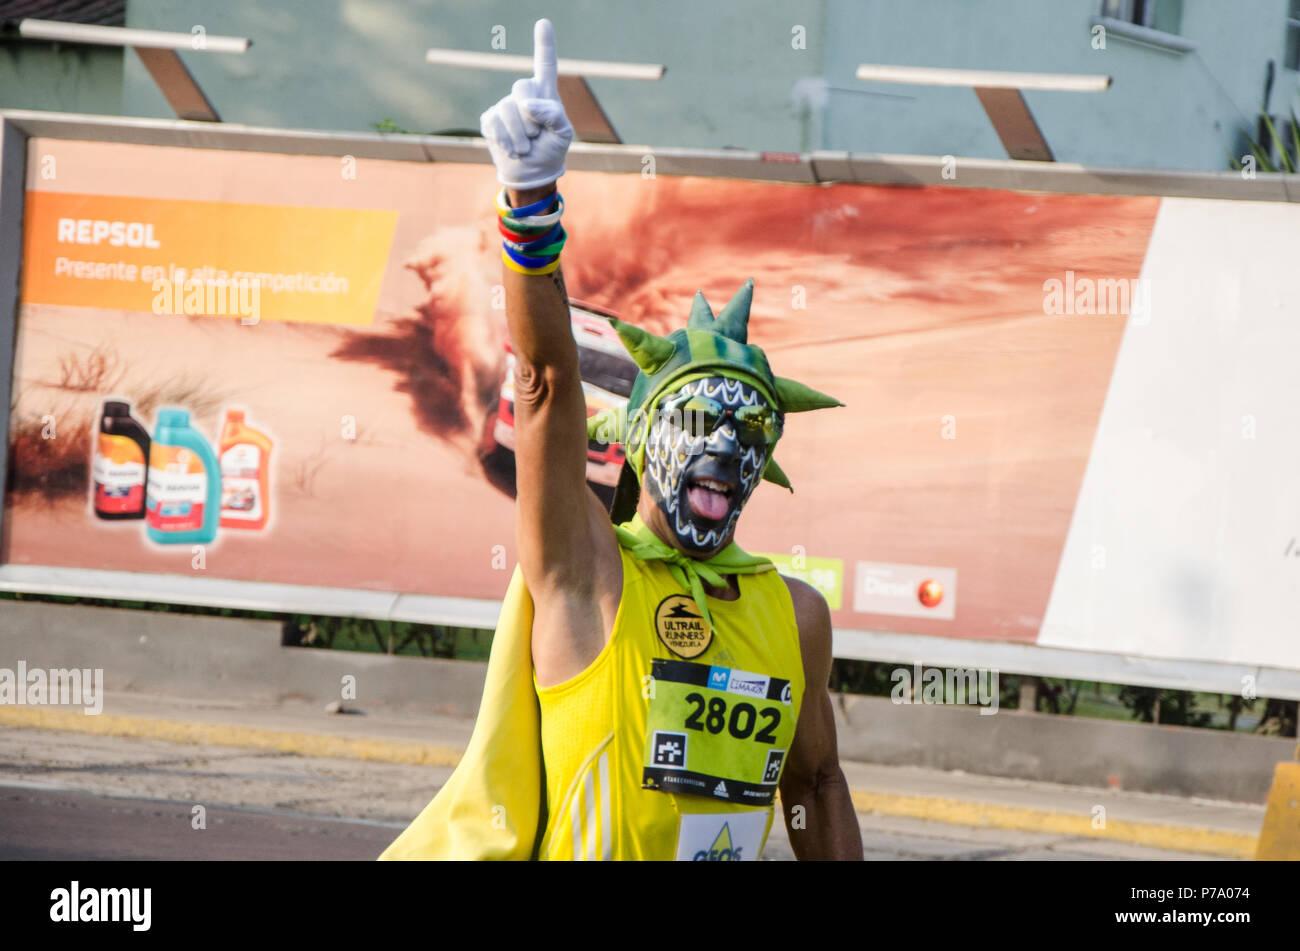 Lima, Perú - 20 de mayo de 2018: Maratón Lima 42k, evento deportivo que reúne a atletas de todo el mundo. El excéntrico atletas Foto de stock